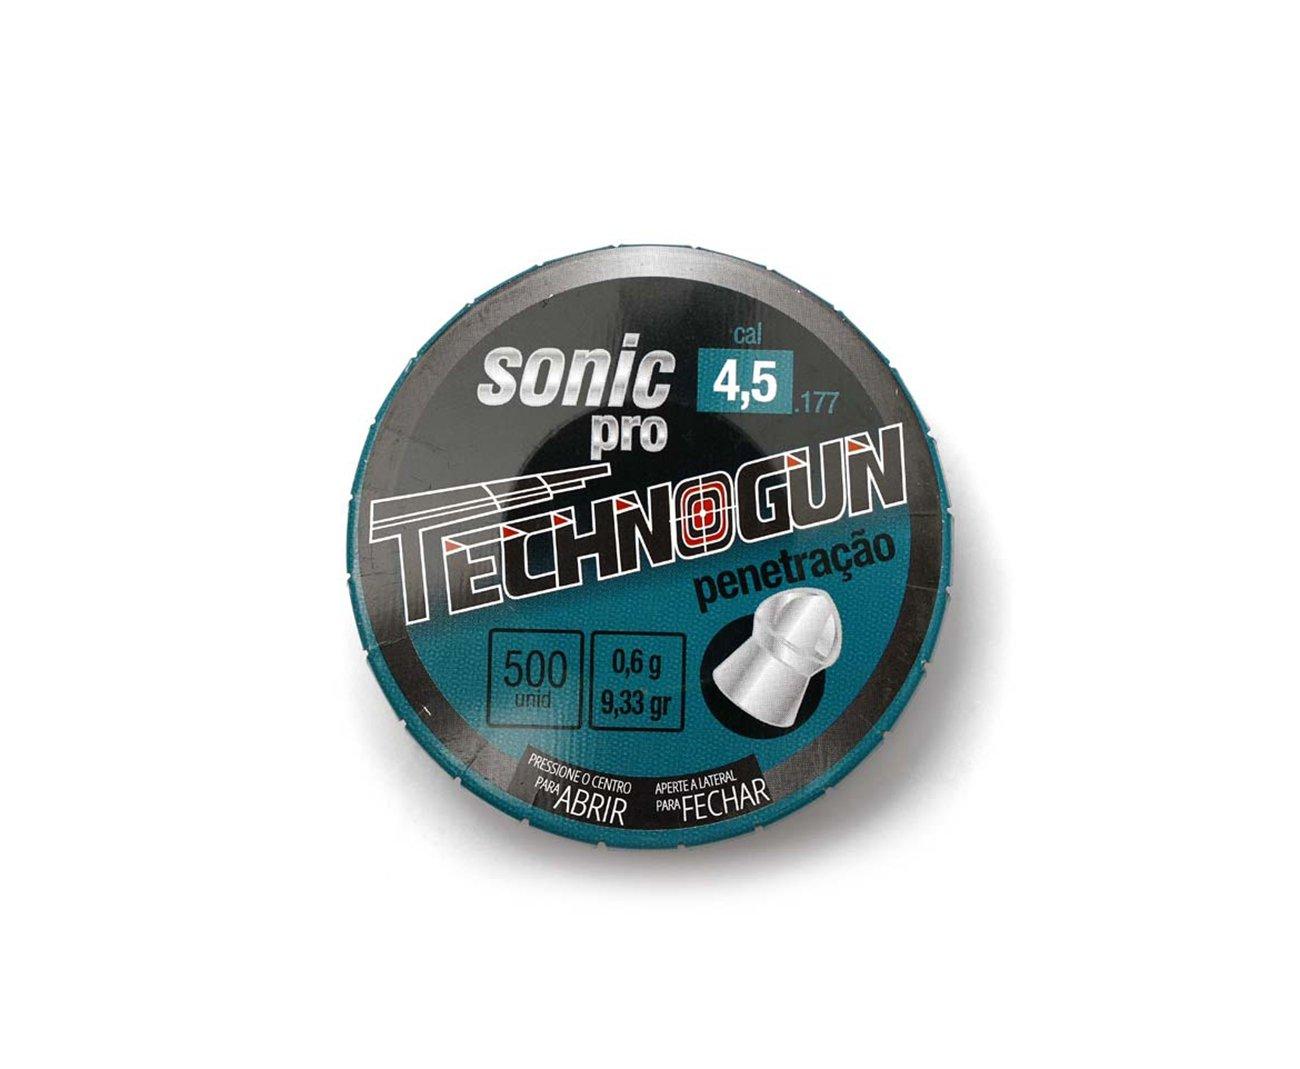 Chumbinho Sonic Pró - Calibre 4,5mm - Pote Com 500 Pcs - Technogun